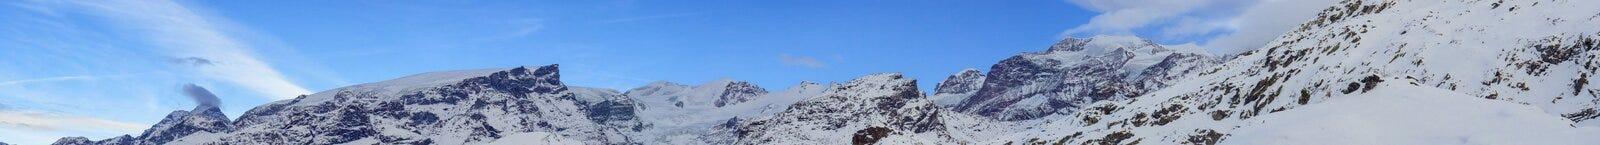 Dufourspitze och Matternhorn från Champoluc Royaltyfria Bilder